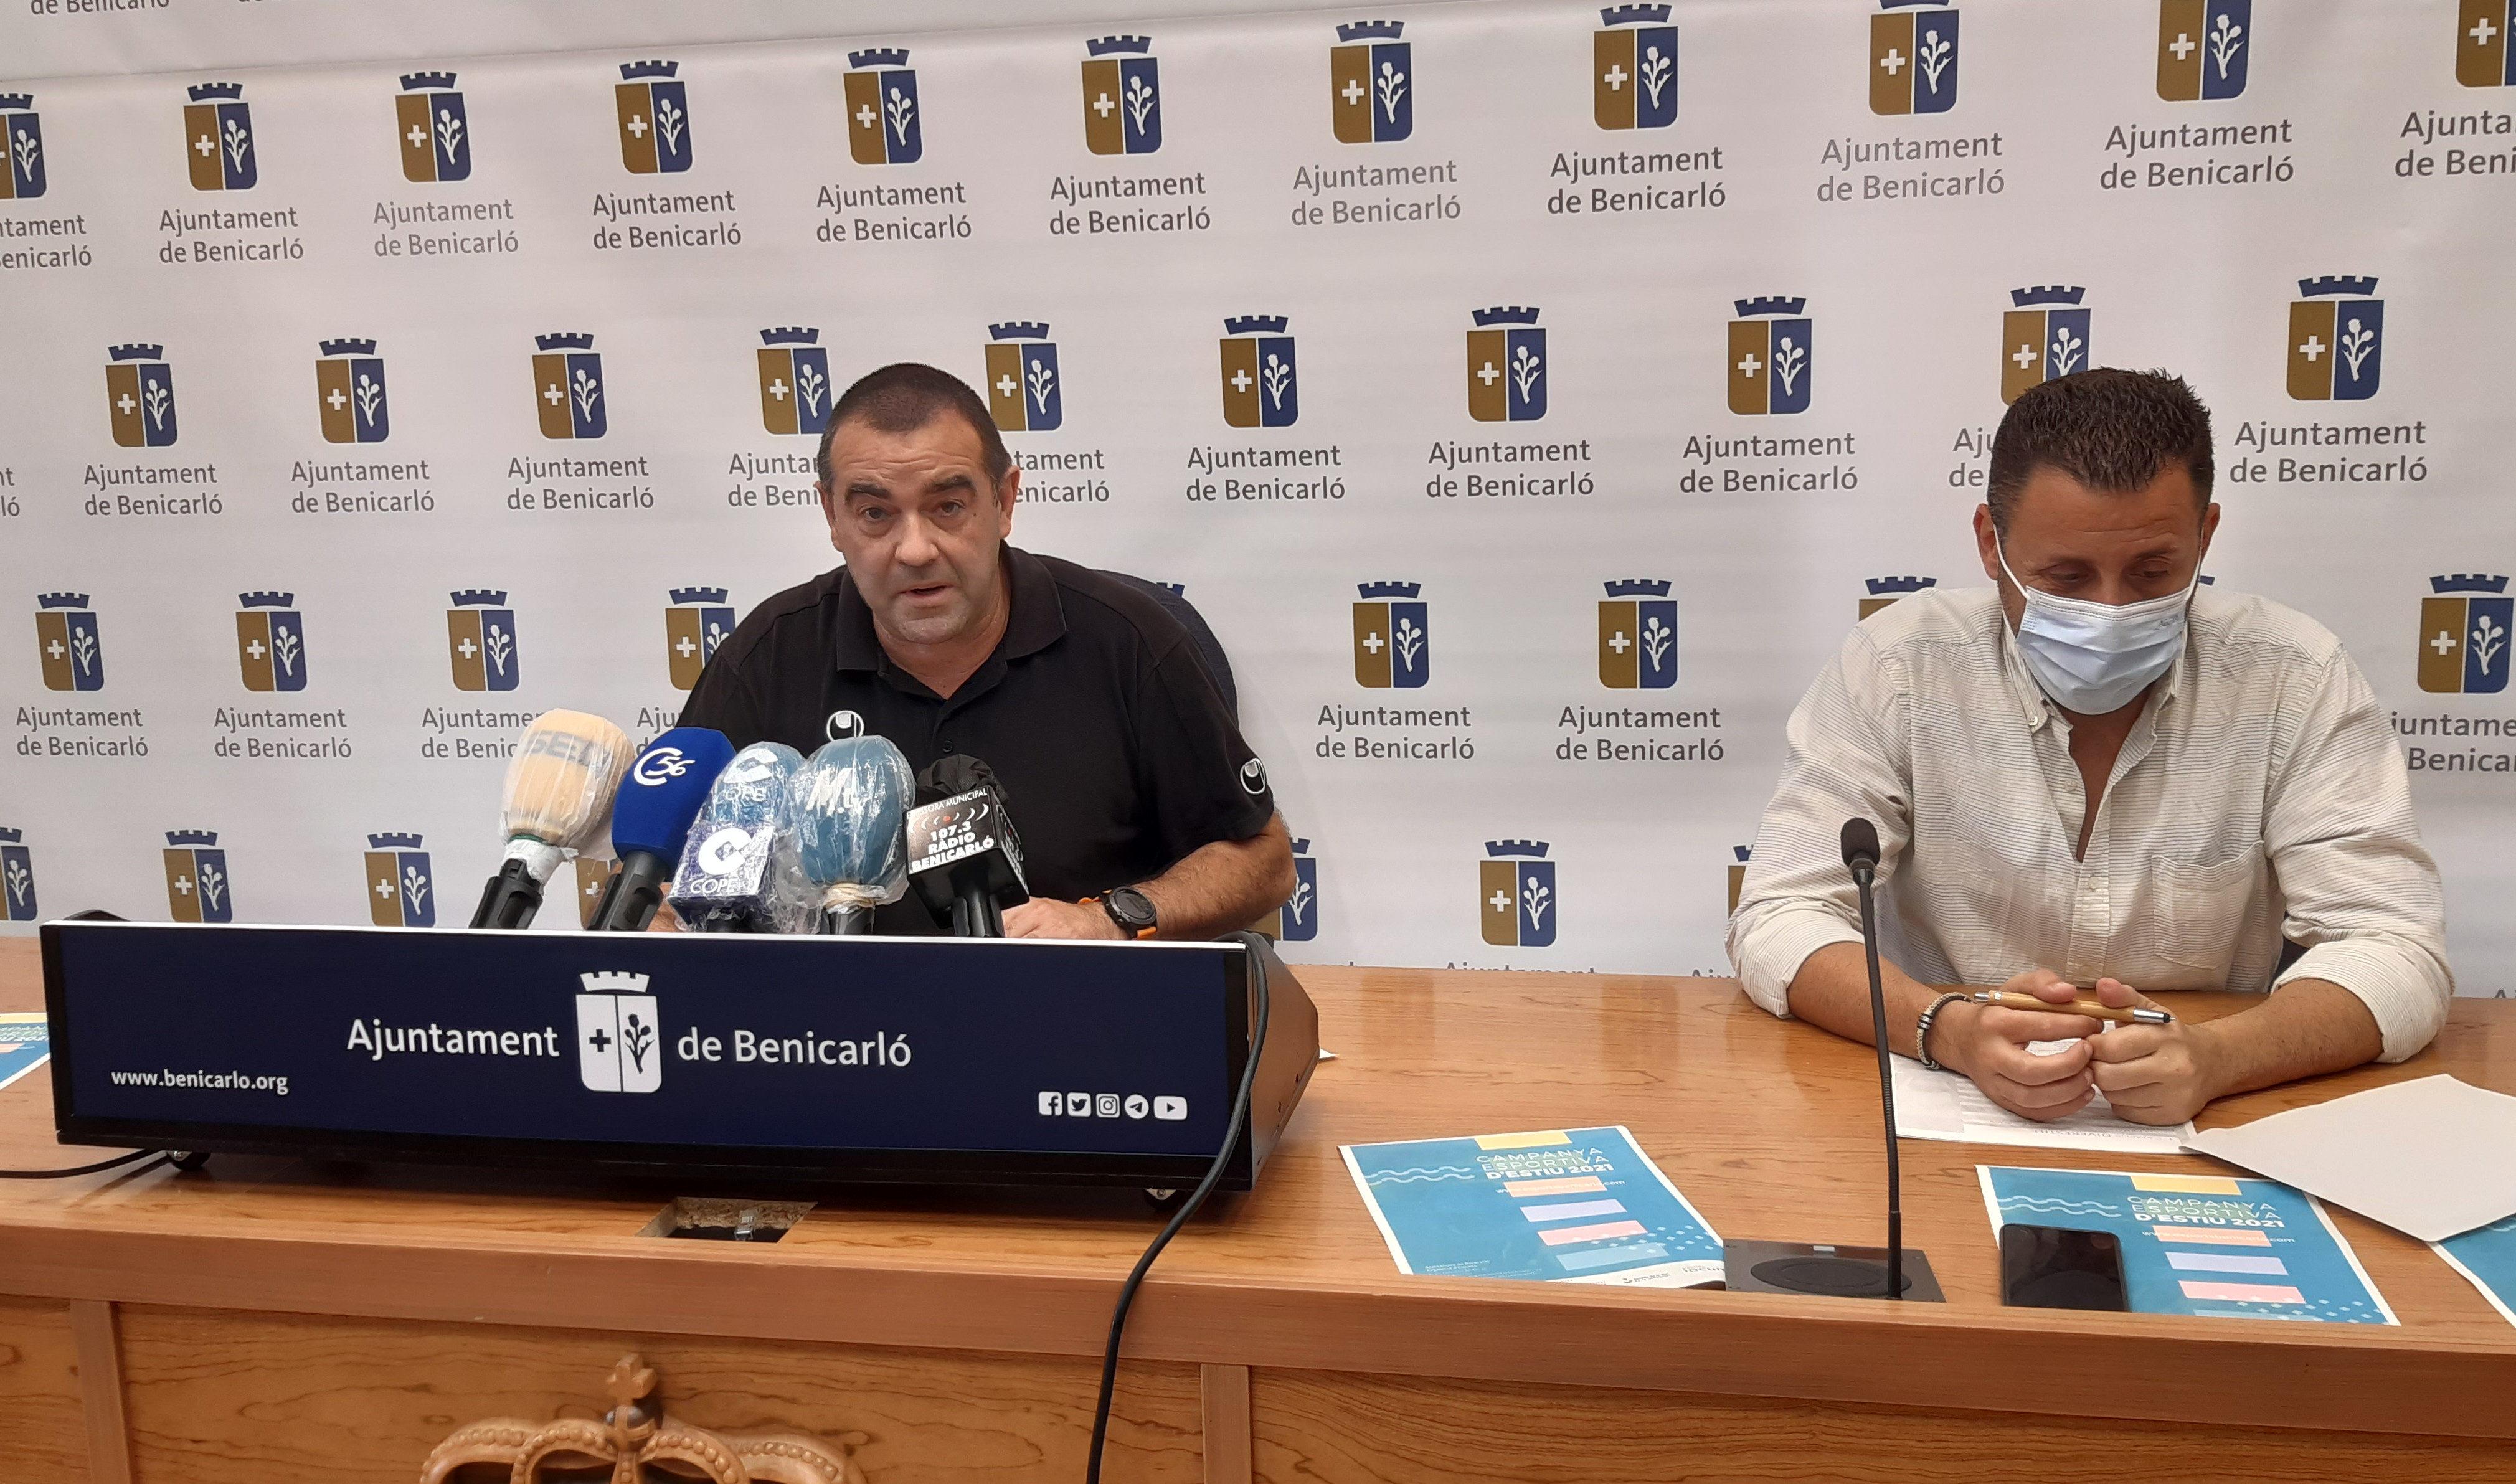 La Regidoria d'Esports de Benicarló presenta la Campanya Esportiva d'Estiu per a tots els sectors de població